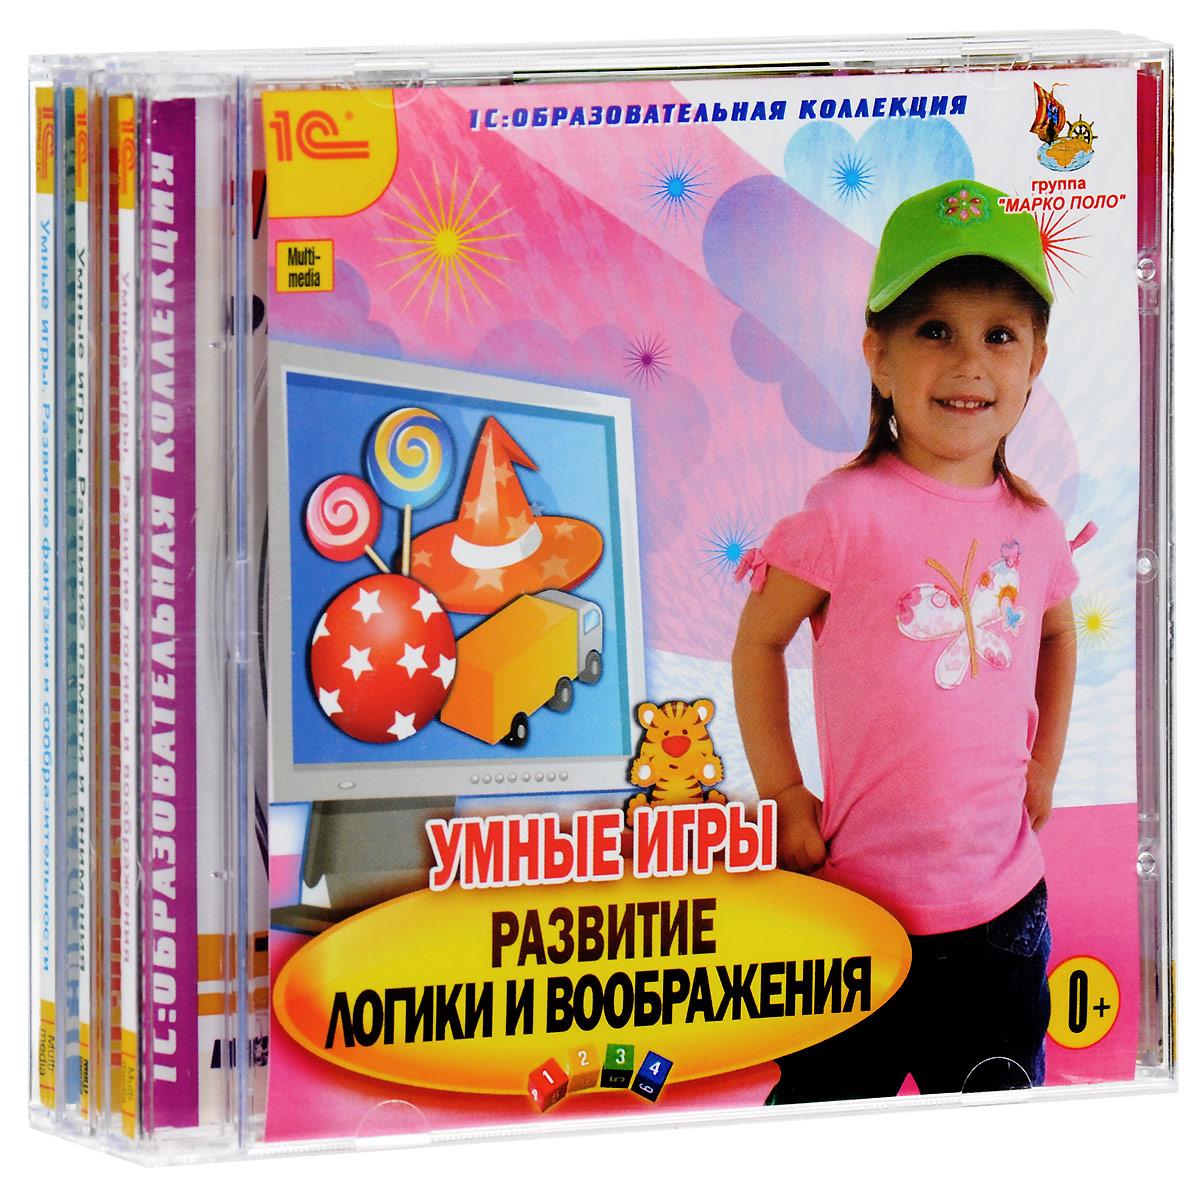 Zakazat.ru 1С: Образовательная коллекция. Комплект Умные игры